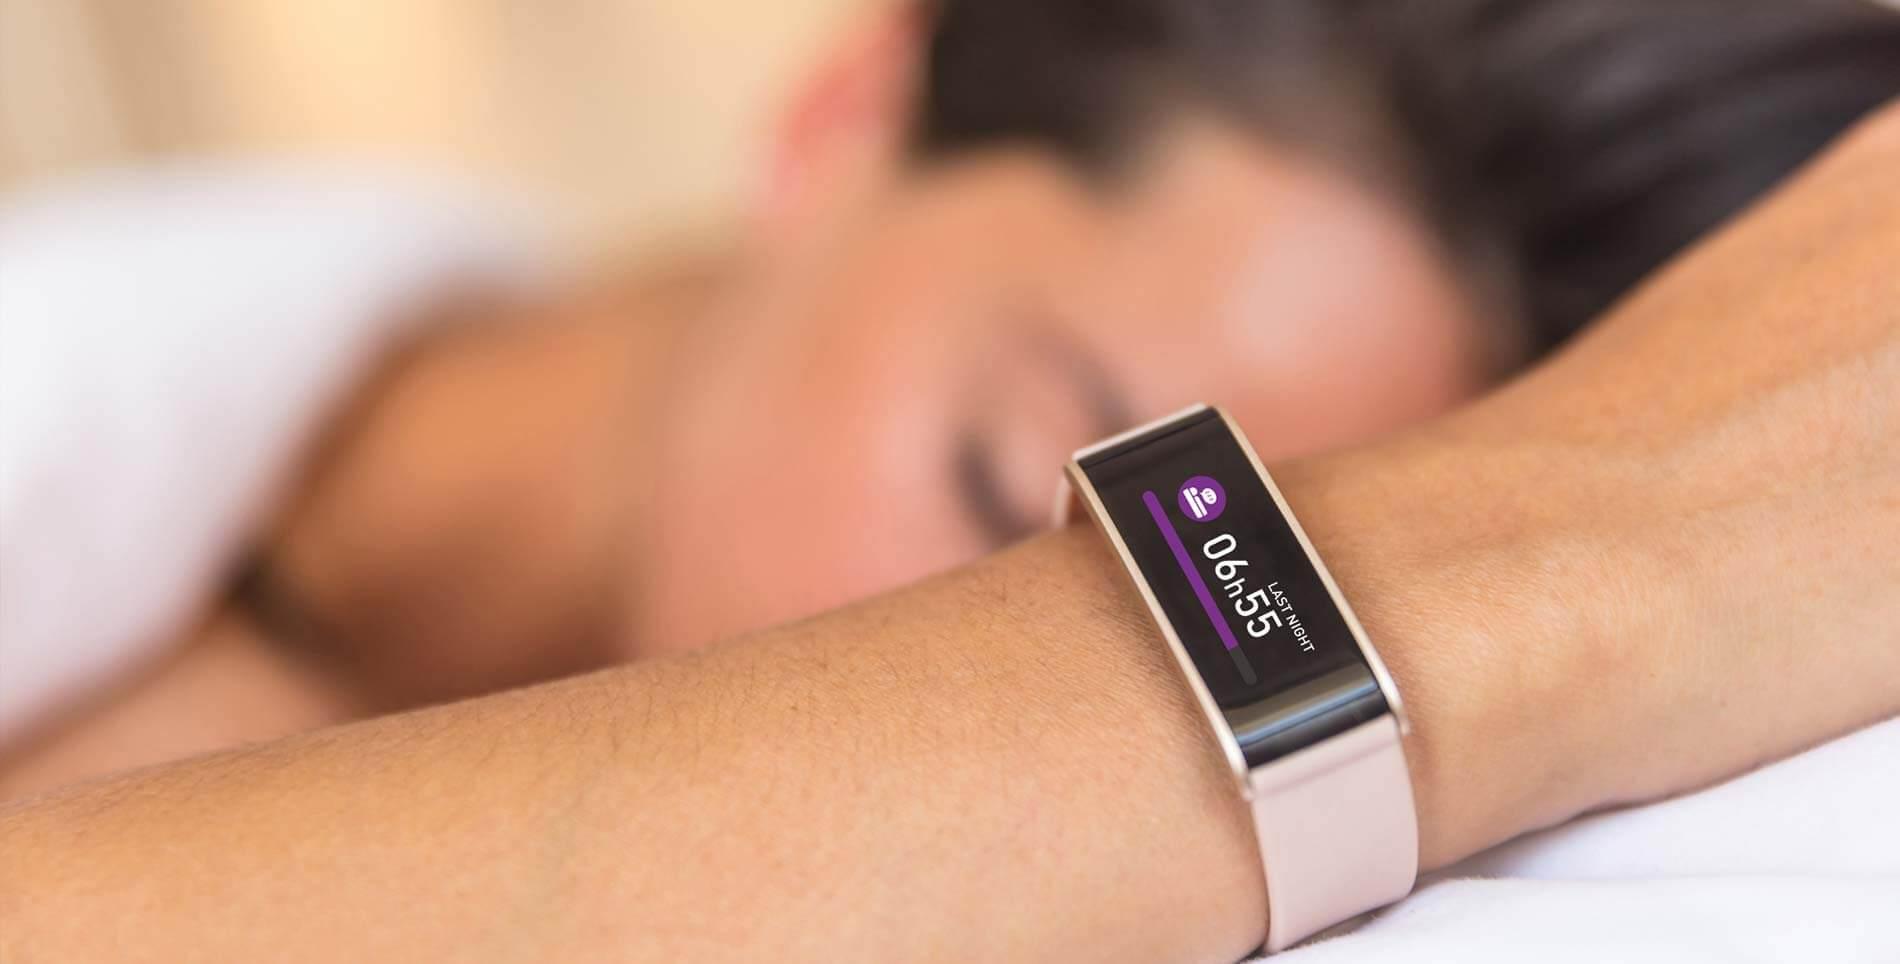 记录你的睡眠时间和质量